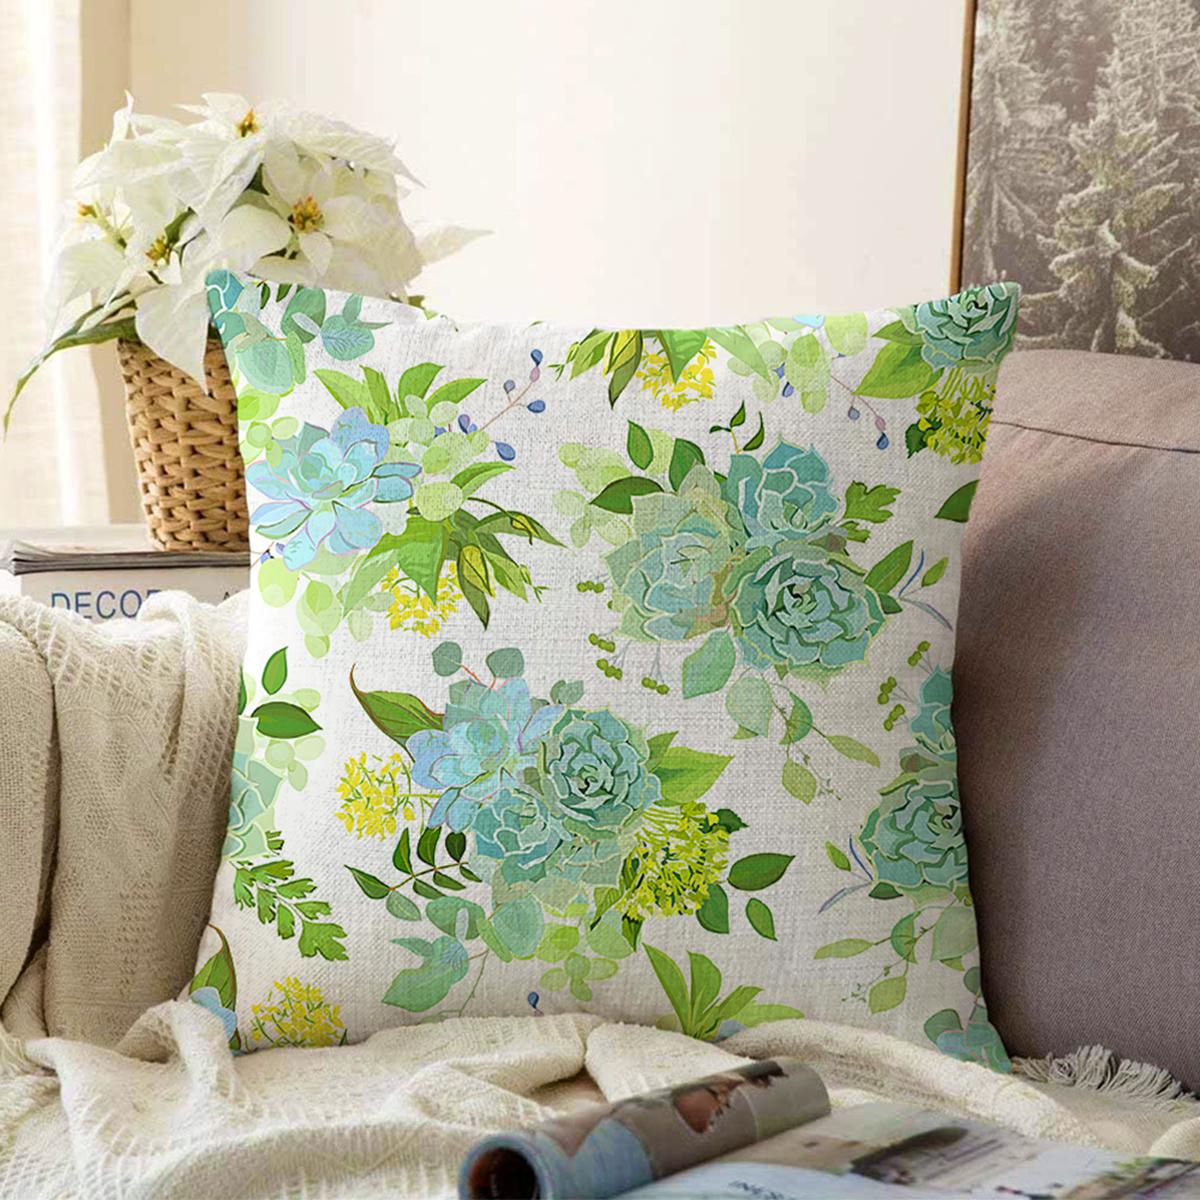 Çift Taraflı Beyaz Zemin Üzerinde Yeşil Renkli Çiçek Desenli Modern Şönil Yastık Kırlent Kılıfı Realhomes